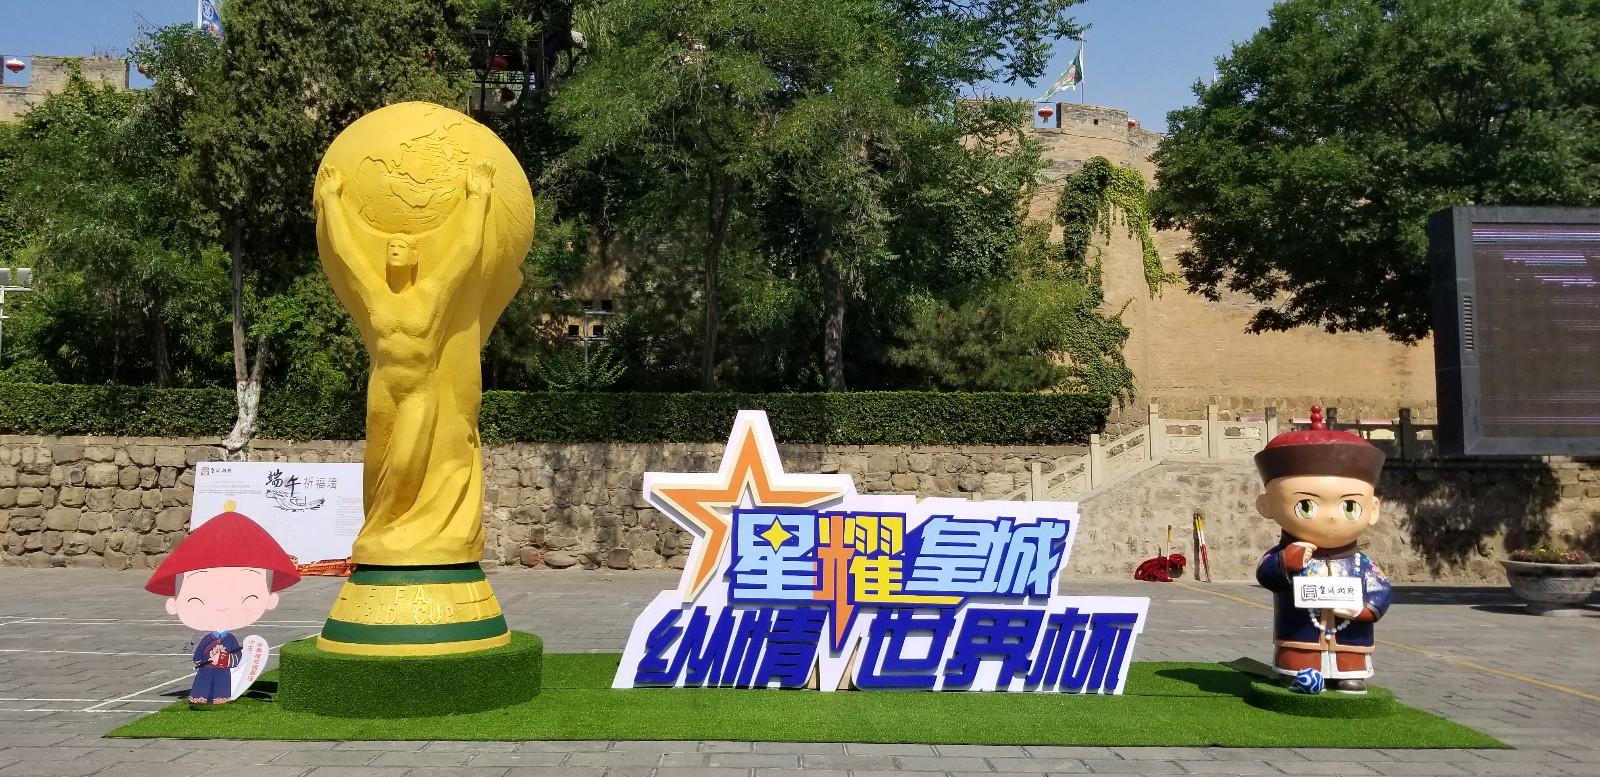 山西皇城相府世界杯主题活动盛大启幕